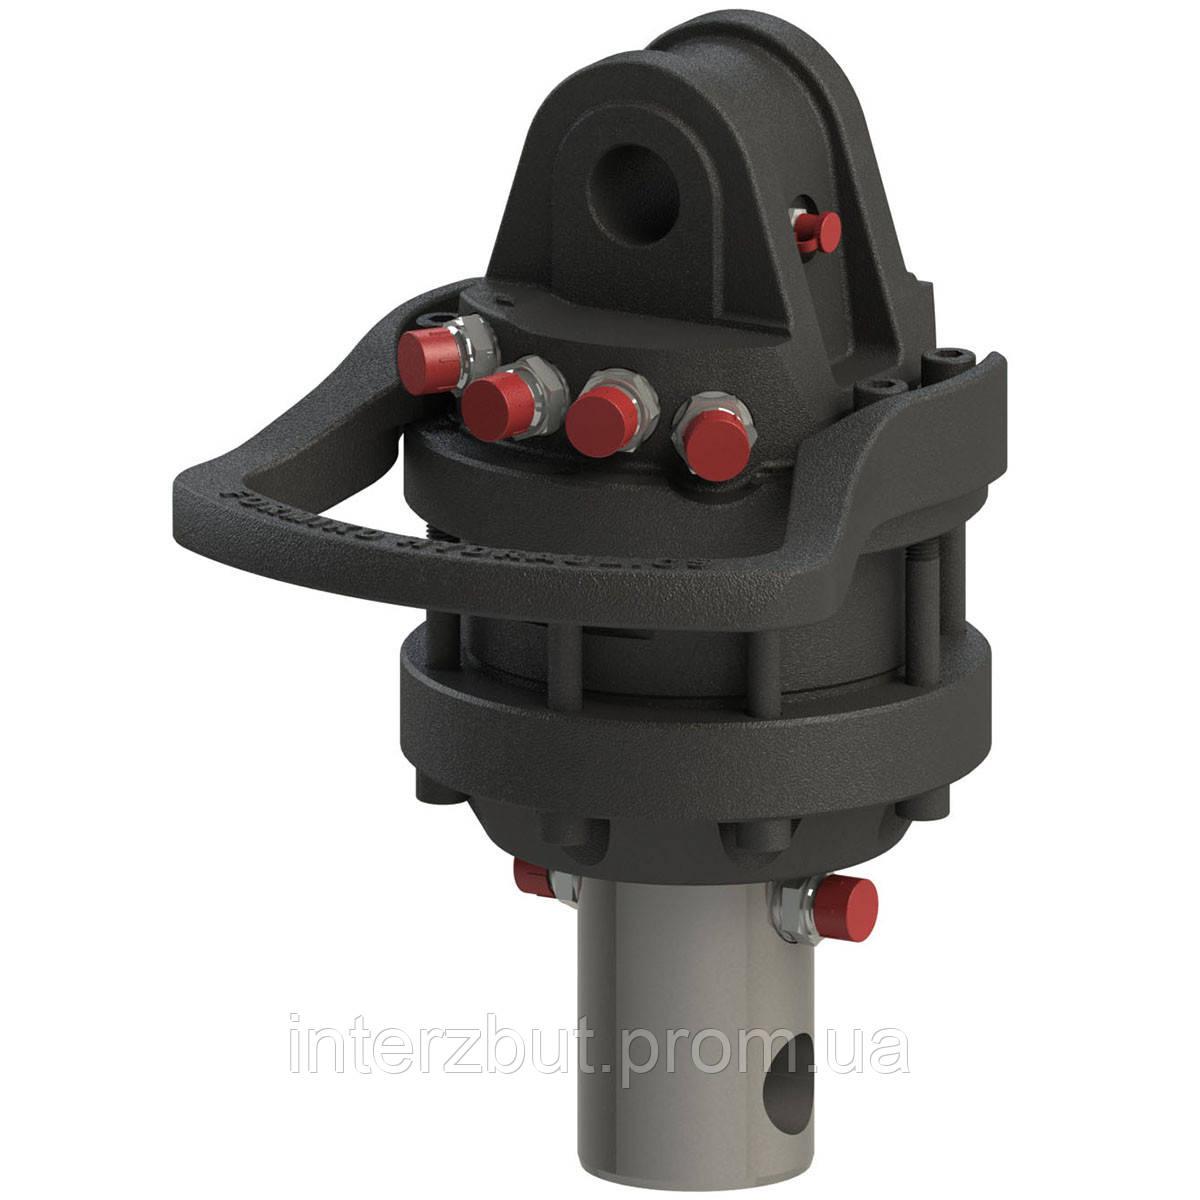 Ротатор гідравлічний 5.5t / Ротатор гидравлический 5.5t